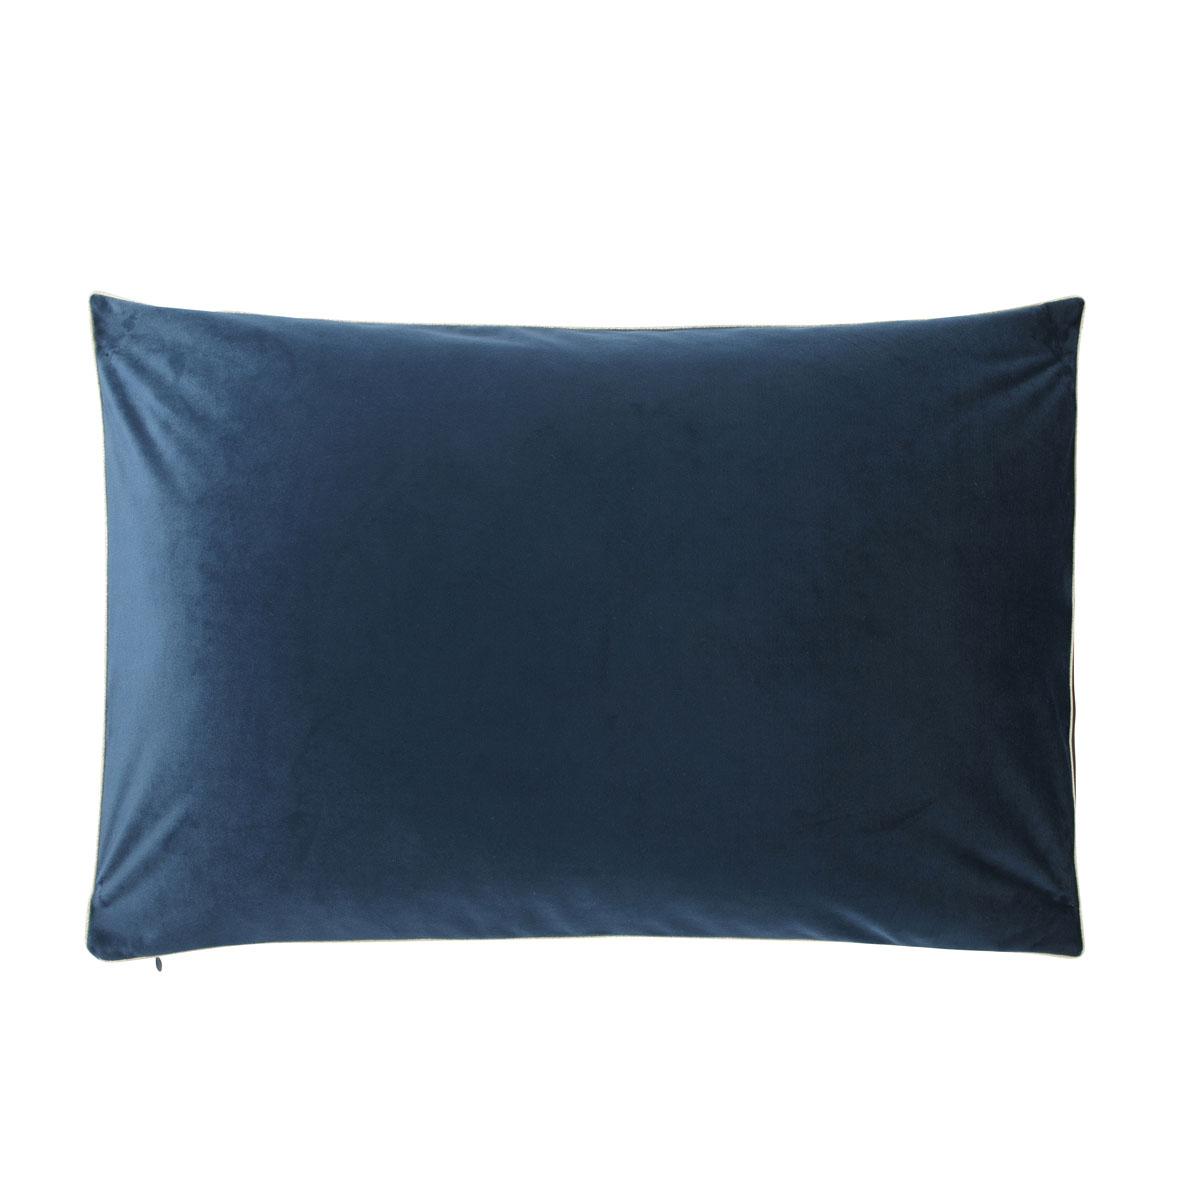 Housse de coussin uni en velour bleu russe 40x60